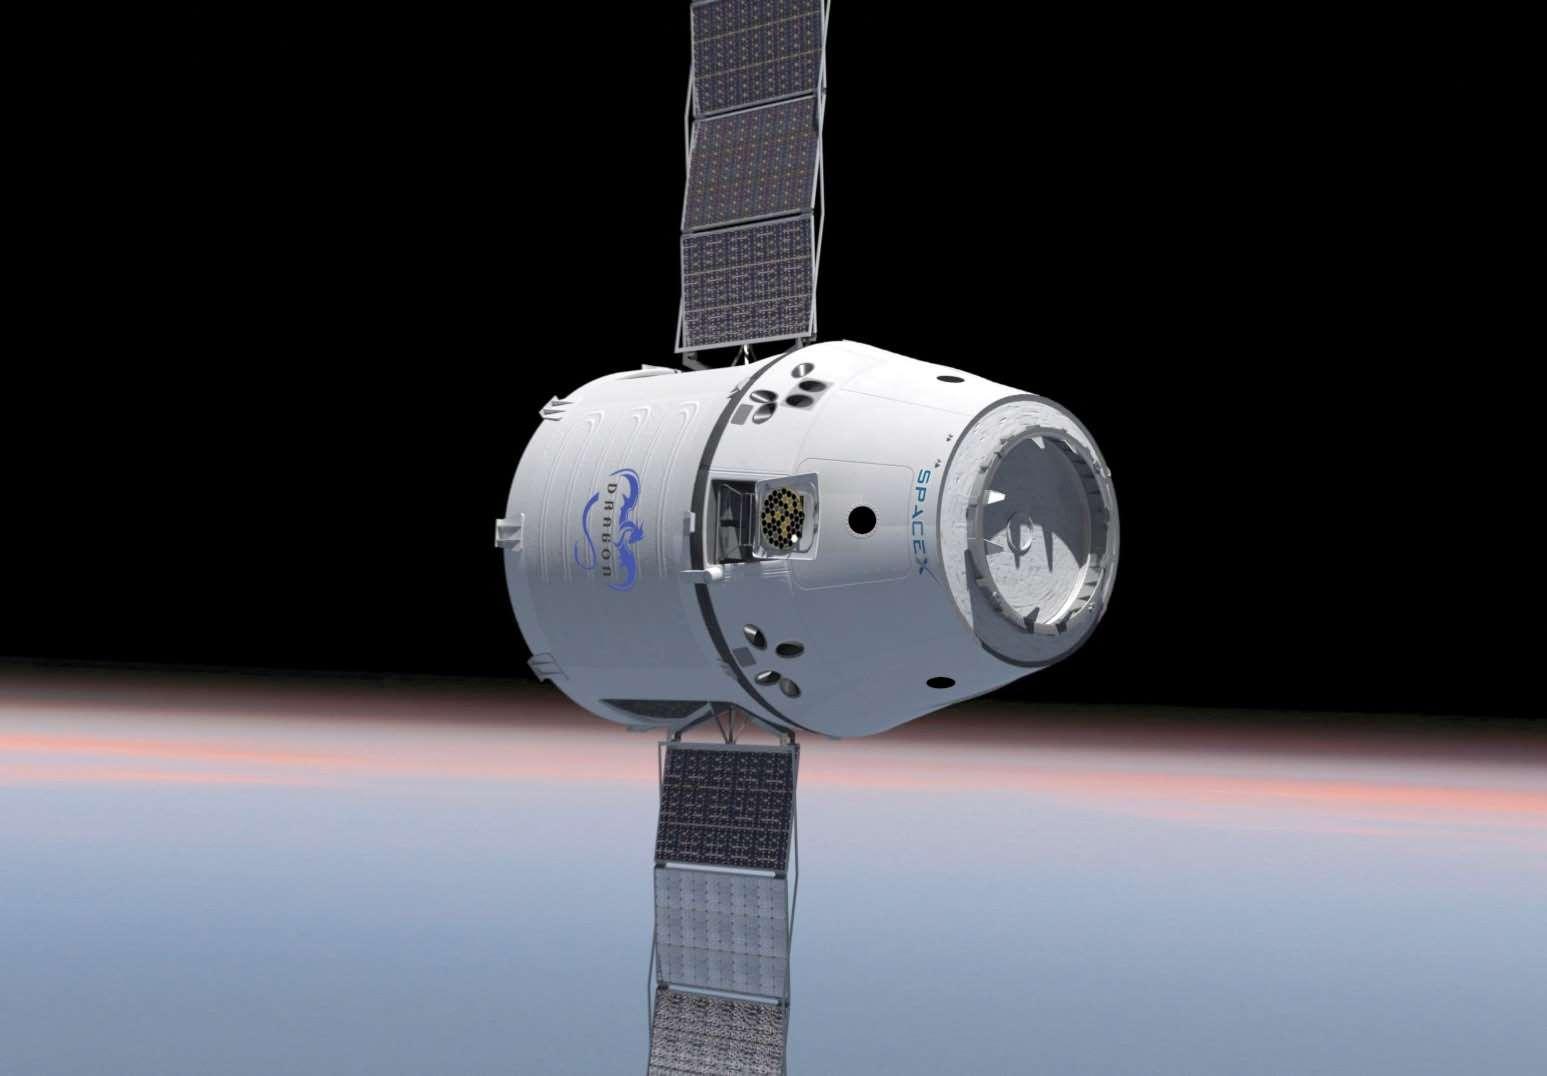 Si le deuxième vol de qualification de Dragon réussit, SpaceX pourrait commencer son activité opérationnelle la mission suivante auprès de la Nasa qui lui a déjà commandé 12 vols de ravitaillement de l'ISS pour un total de 1,6 milliard de dollars. © SpaceX